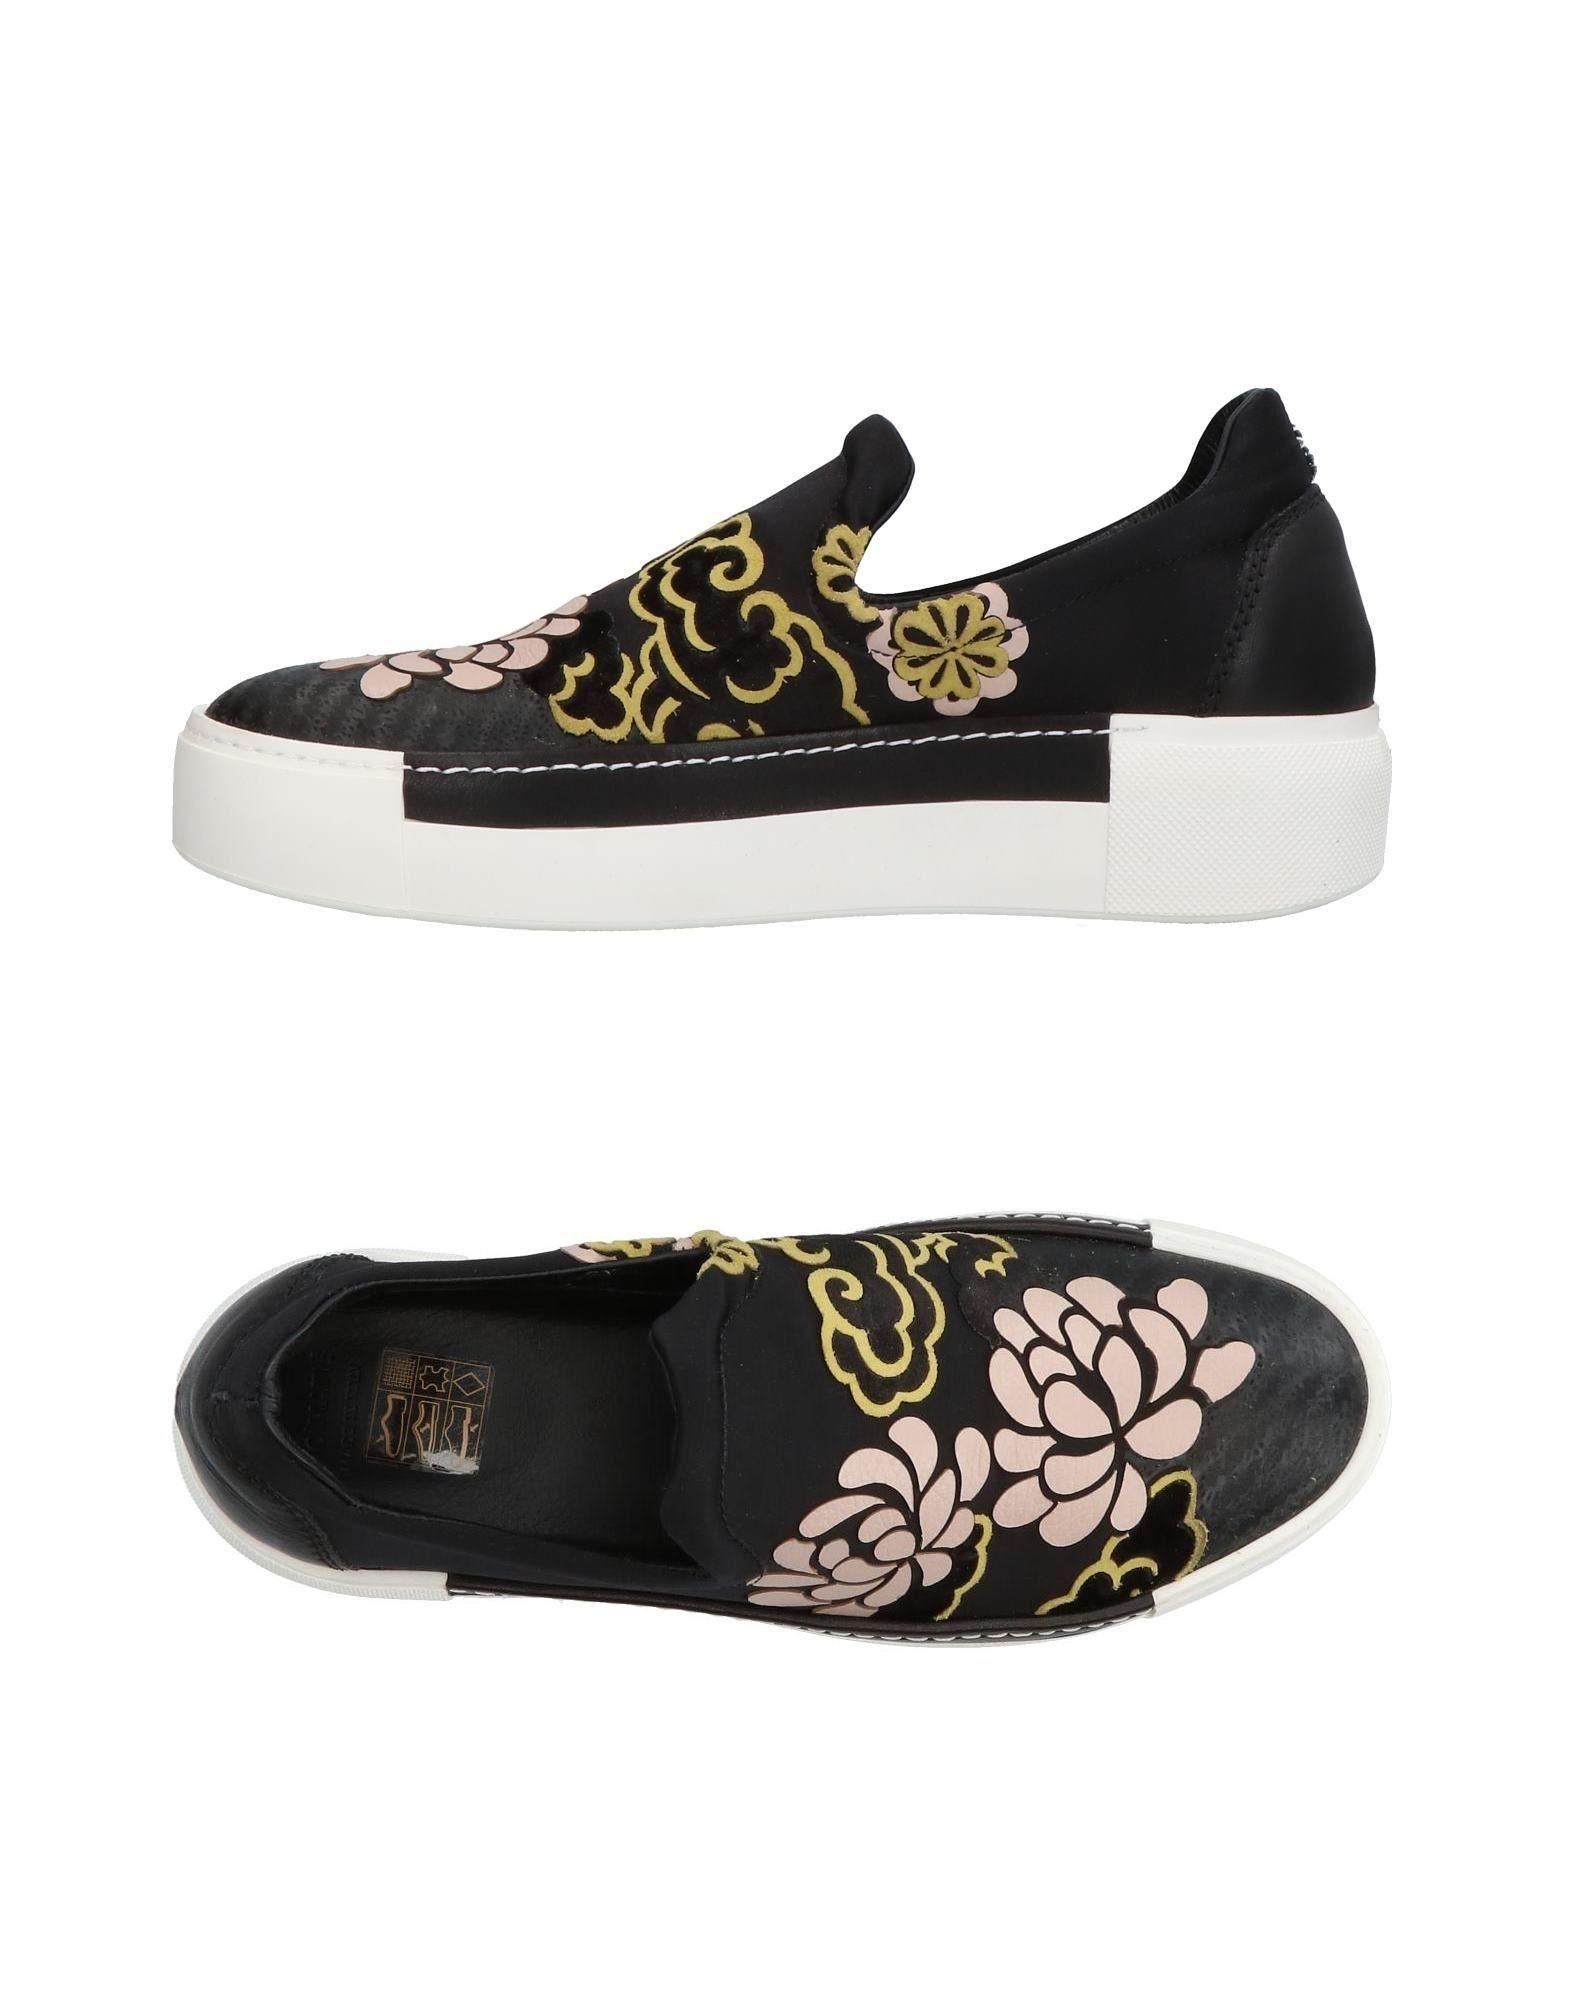 Zapatos de mujer baratos zapatos de mujer Zapatillas Vic Matiē Mujer Mujer Matiē - Zapatillas Vic Matiē  Negro d20de3